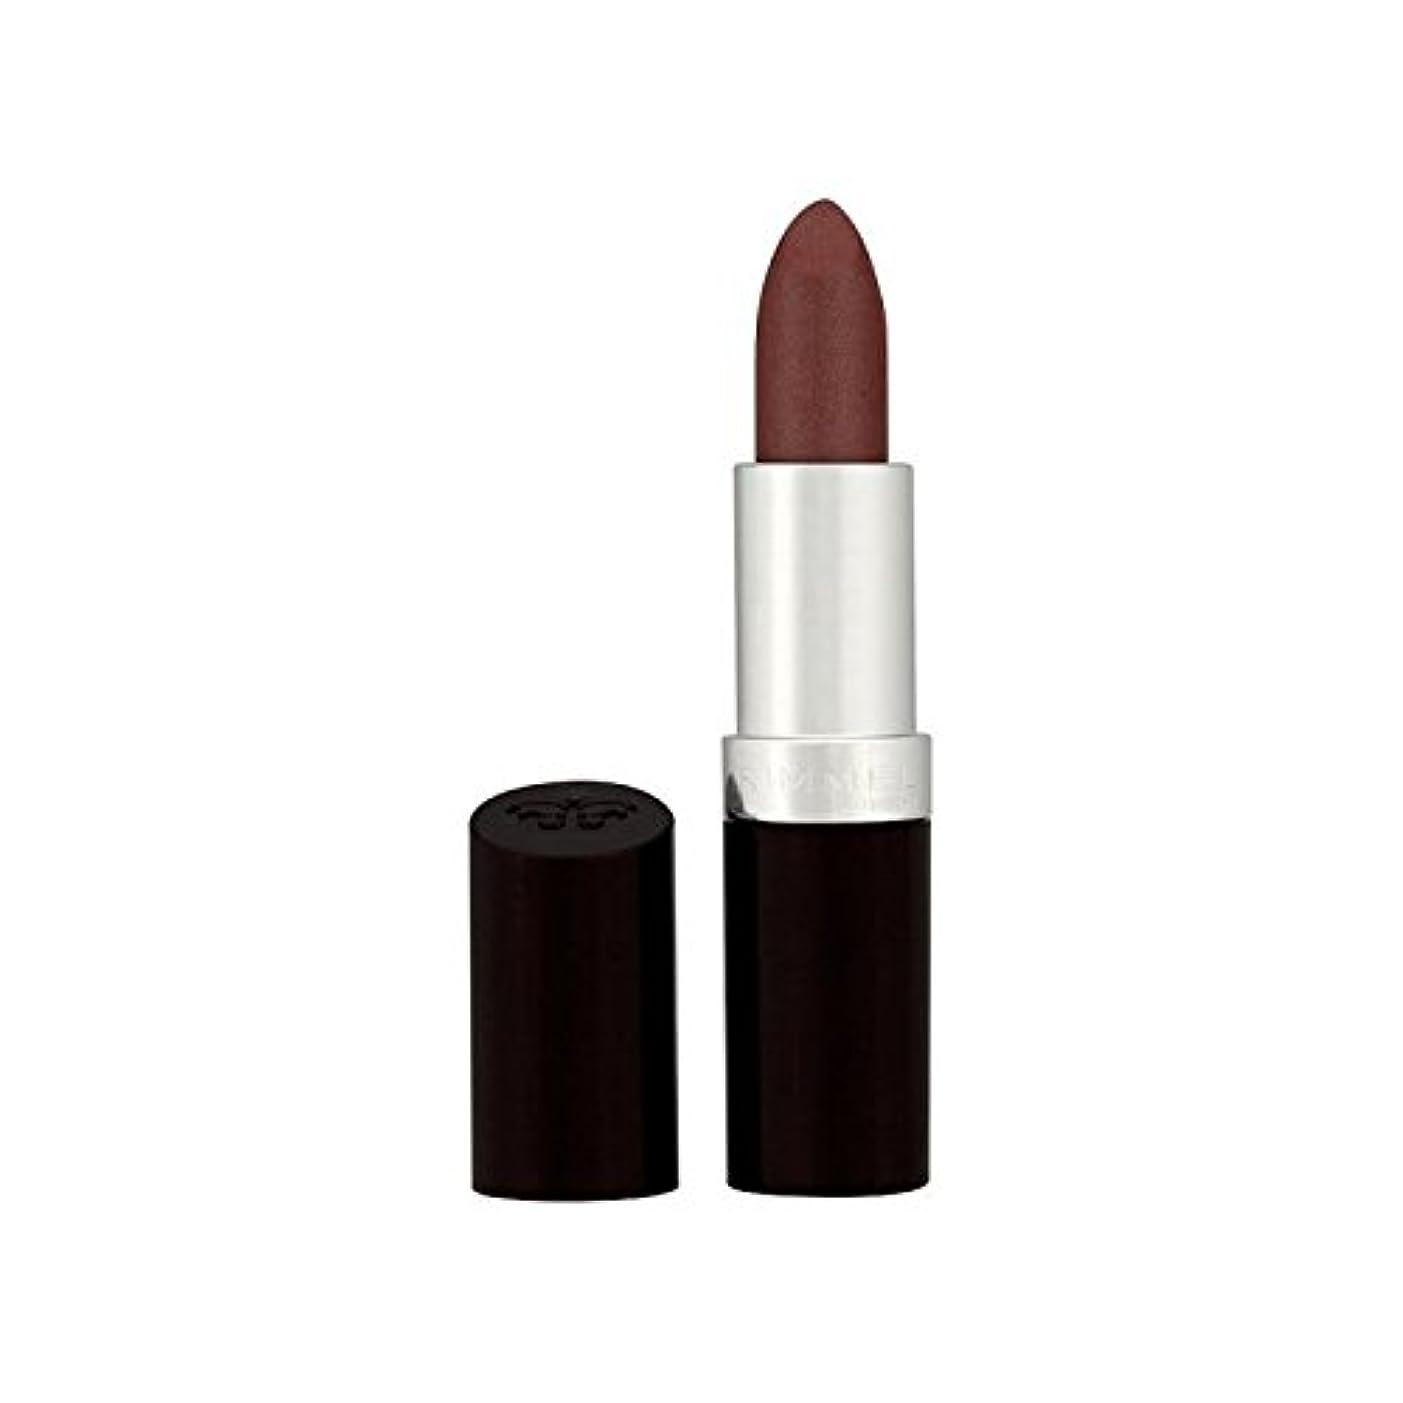 磨かれた施設プレートリンメル持続的な仕上がりのリップスティックコーヒーきらめき264 x2 - Rimmel Lasting Finish Lipstick Coffee Shimmer 264 (Pack of 2) [並行輸入品]